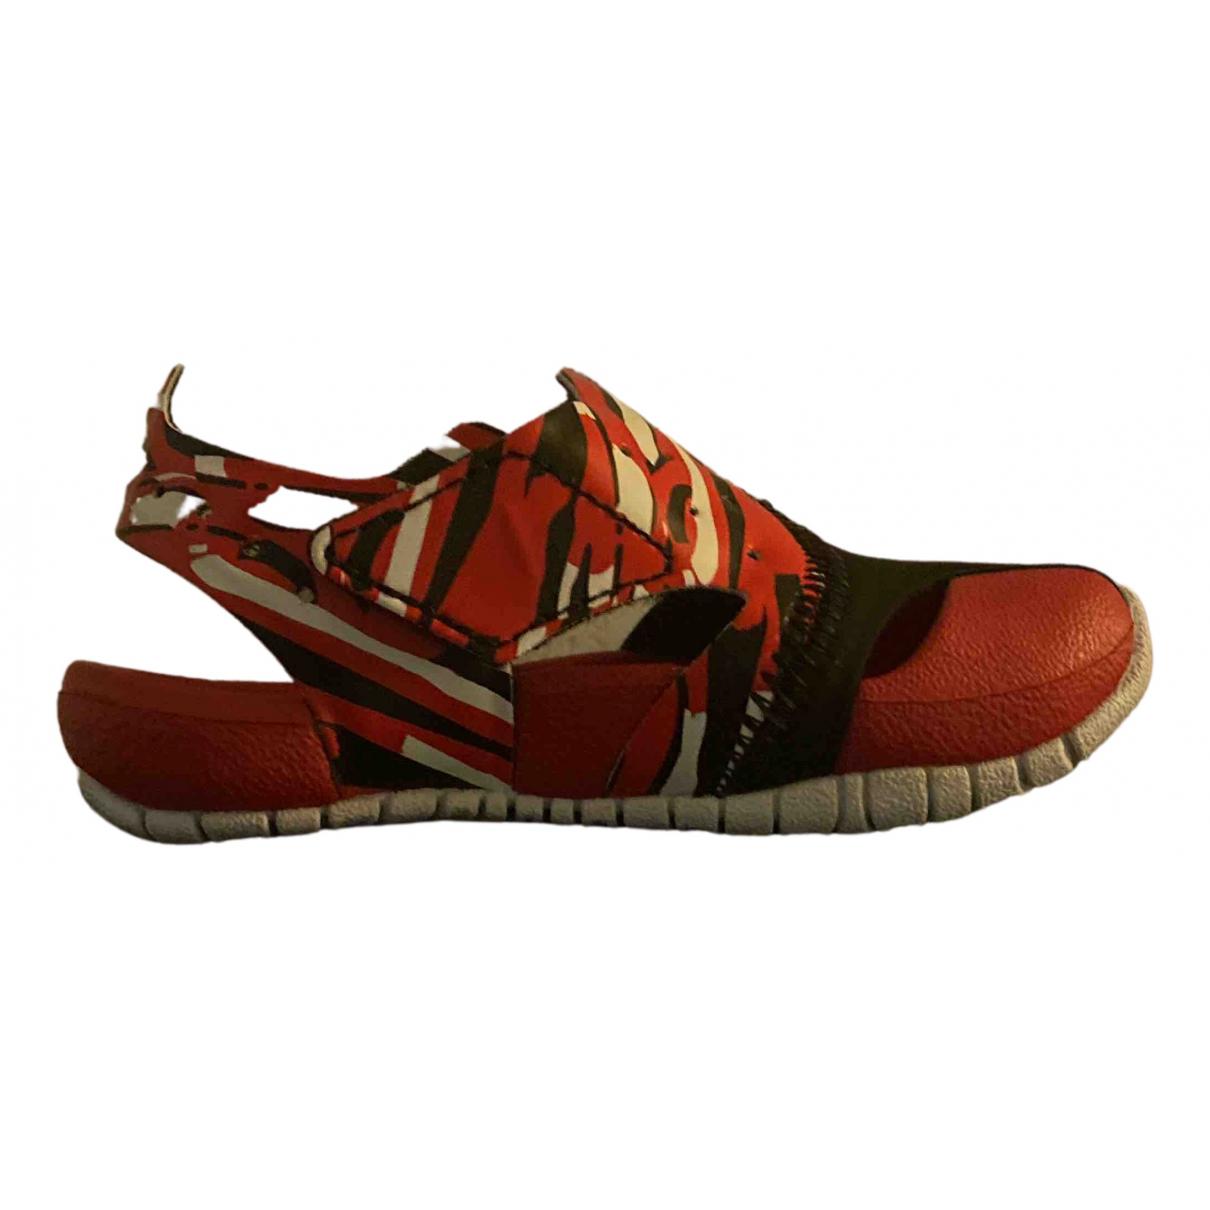 Jordan N Red Rubber Sandals for Kids 21 FR